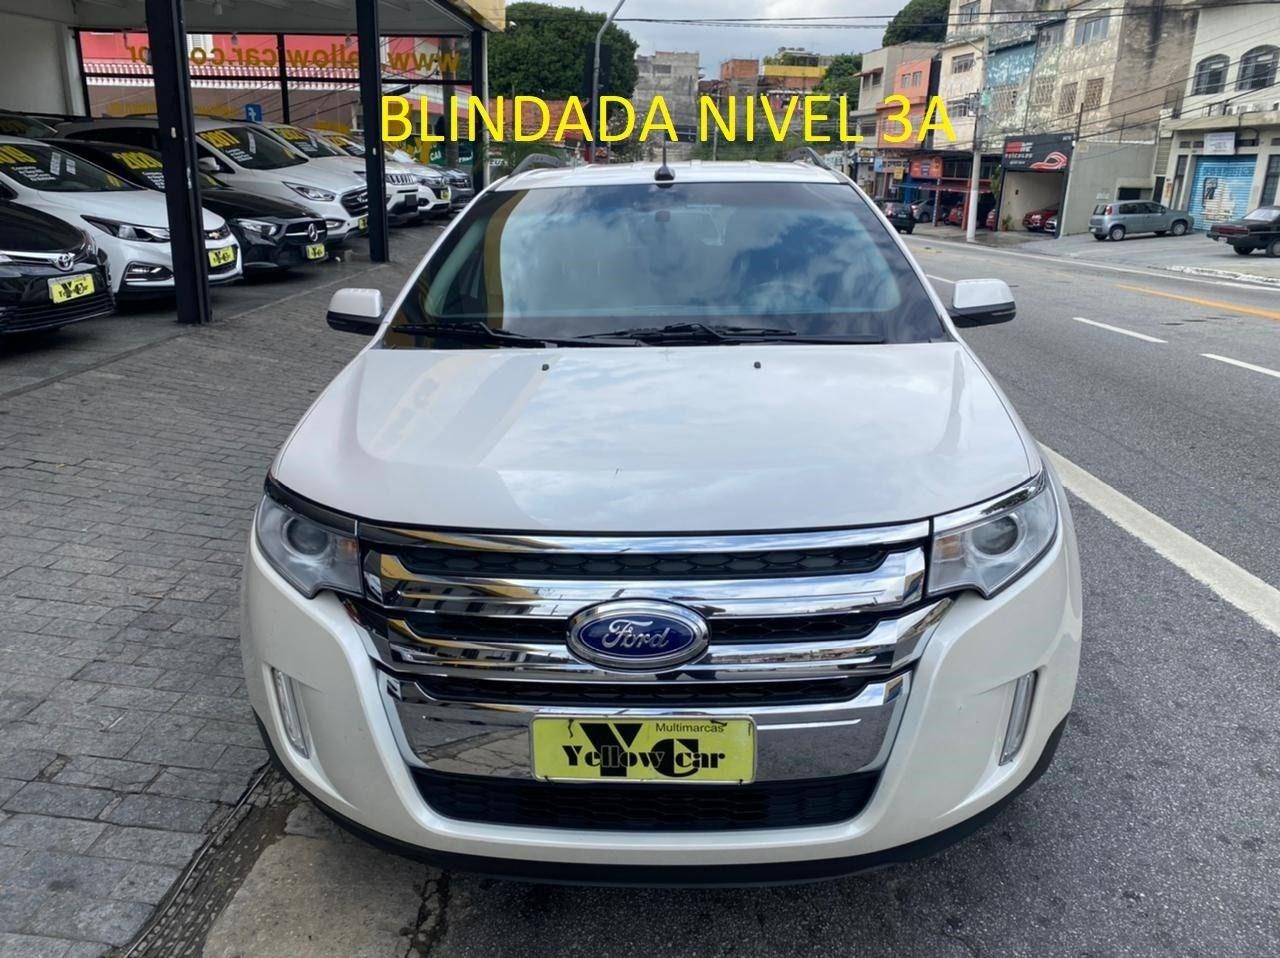 //www.autoline.com.br/carro/ford/edge-35-v6-limited-24v-gasolina-4p-4x4-automatico/2013/sao-paulo-sp/14698062